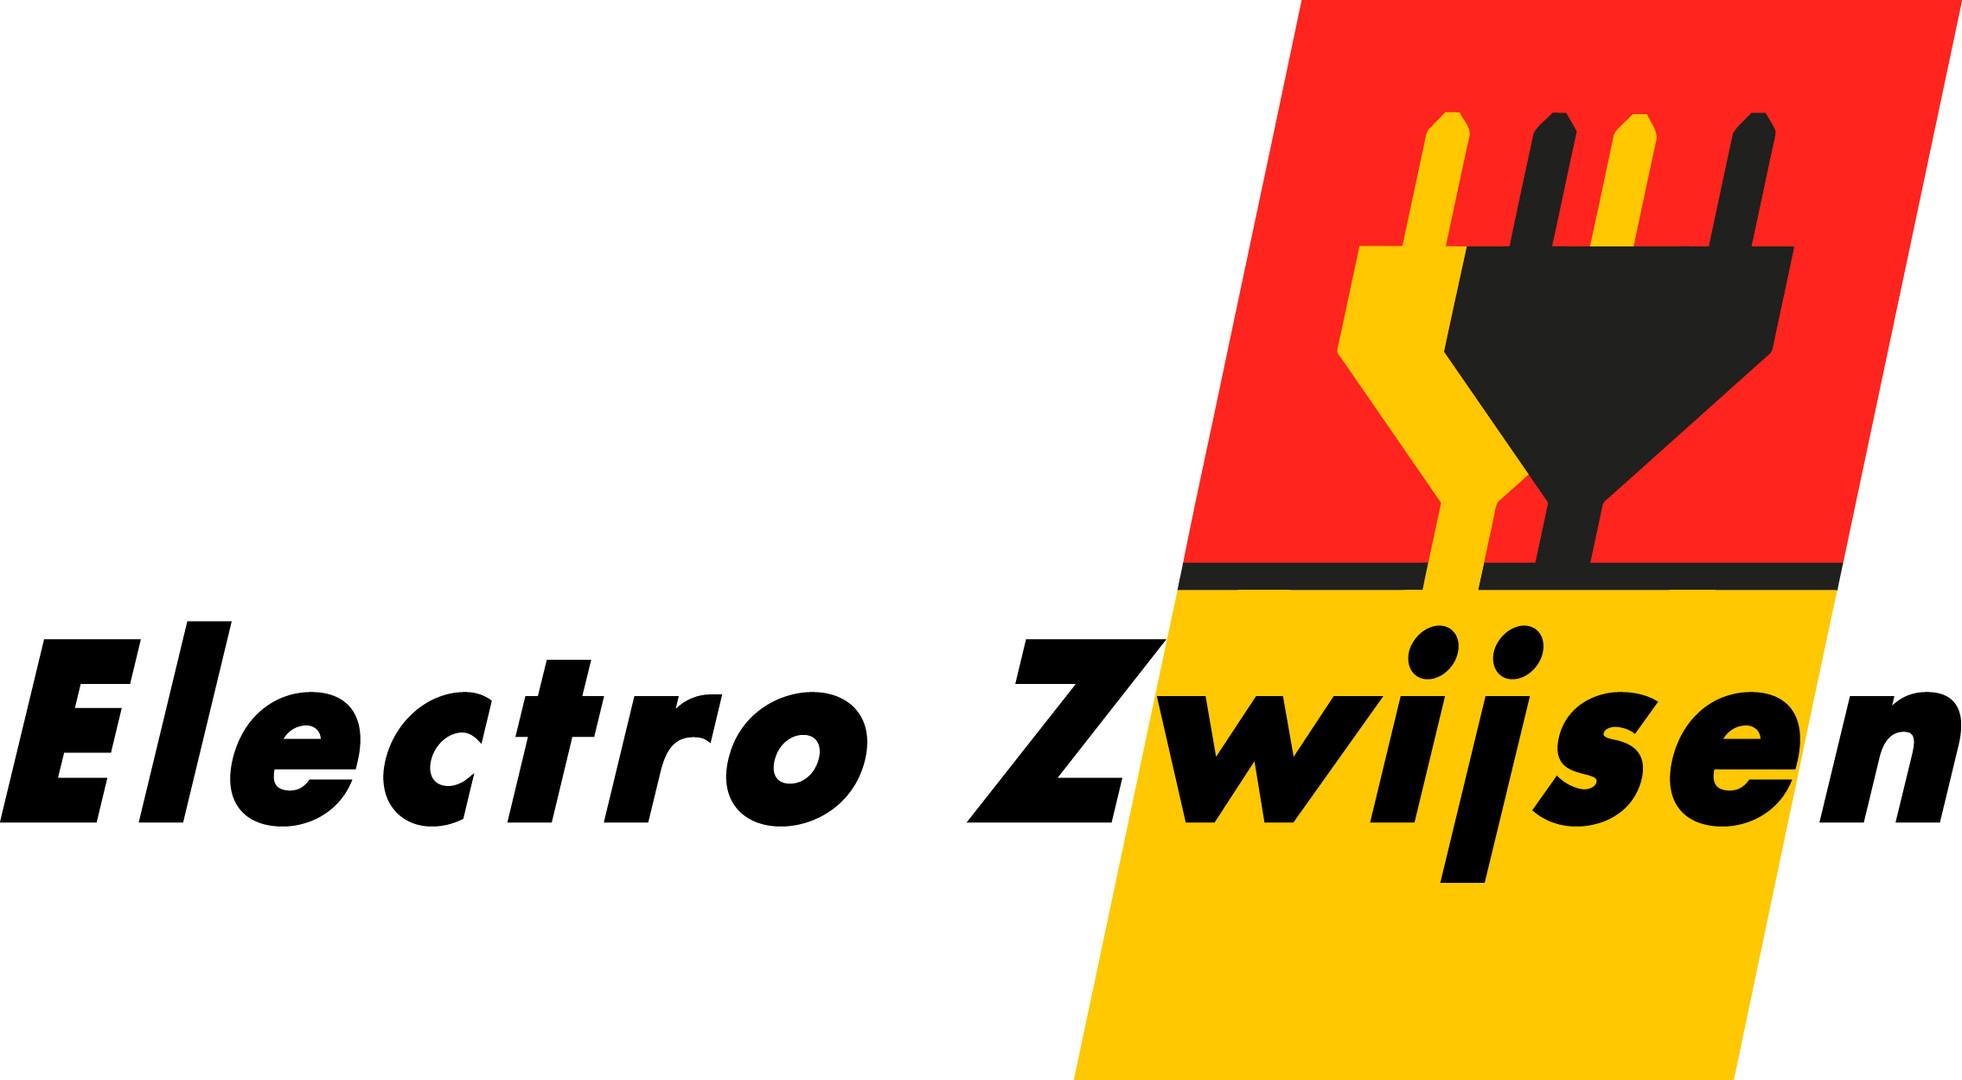 Logo zwijsen definitief.jpg